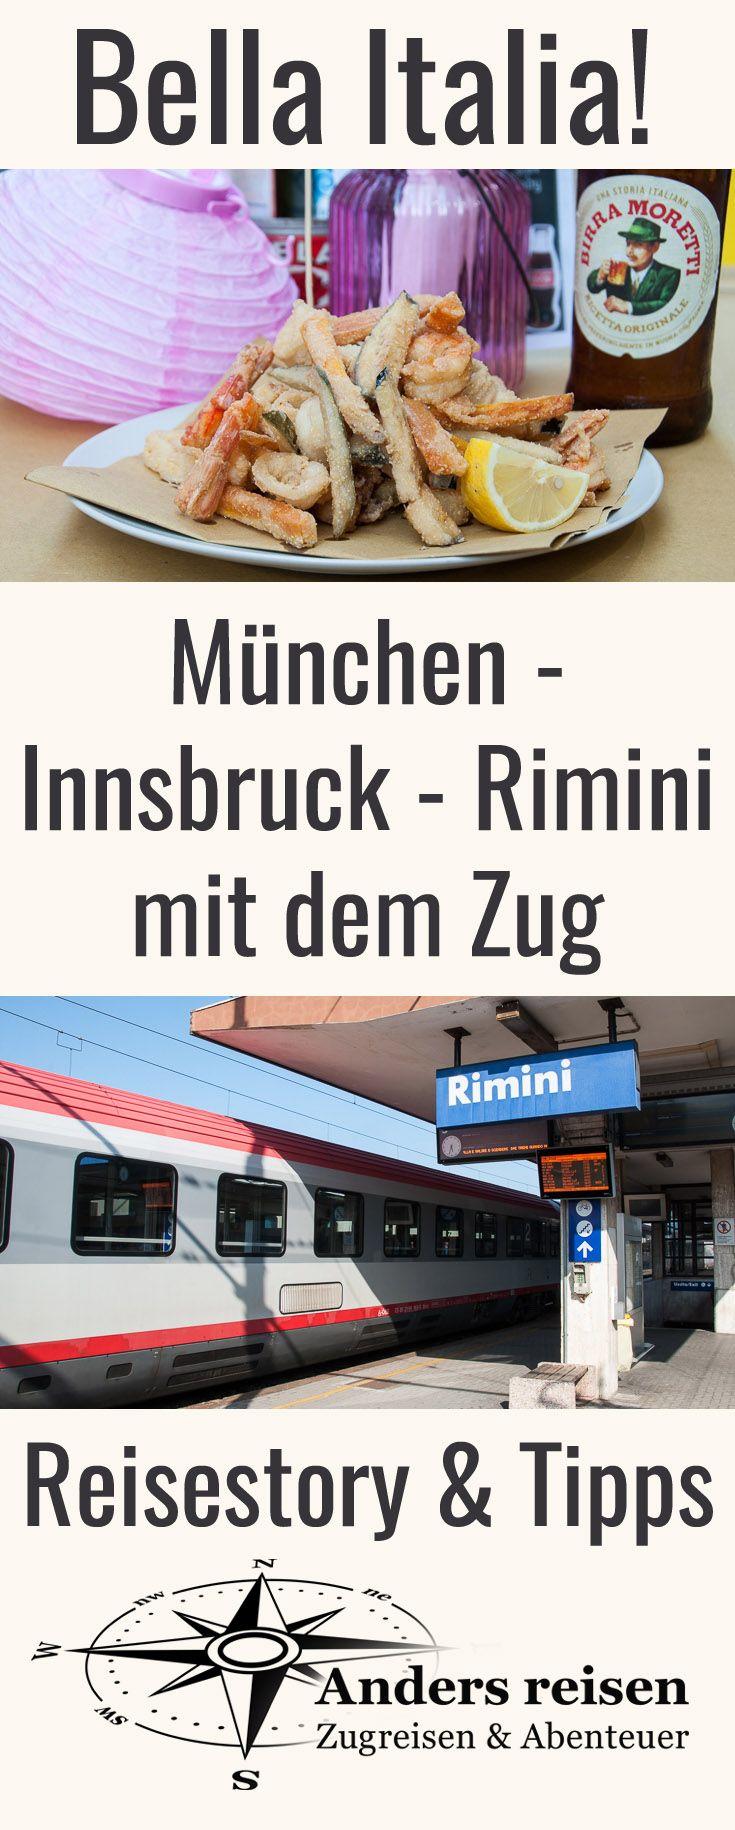 Mit dem Zug nach Italien in Urlaub reisen: München - Innsbruck - Rimini. Reisetipps, Reisestory und Erfahrungen von dieser direkten Zugverbindung an die Adria im Blog.